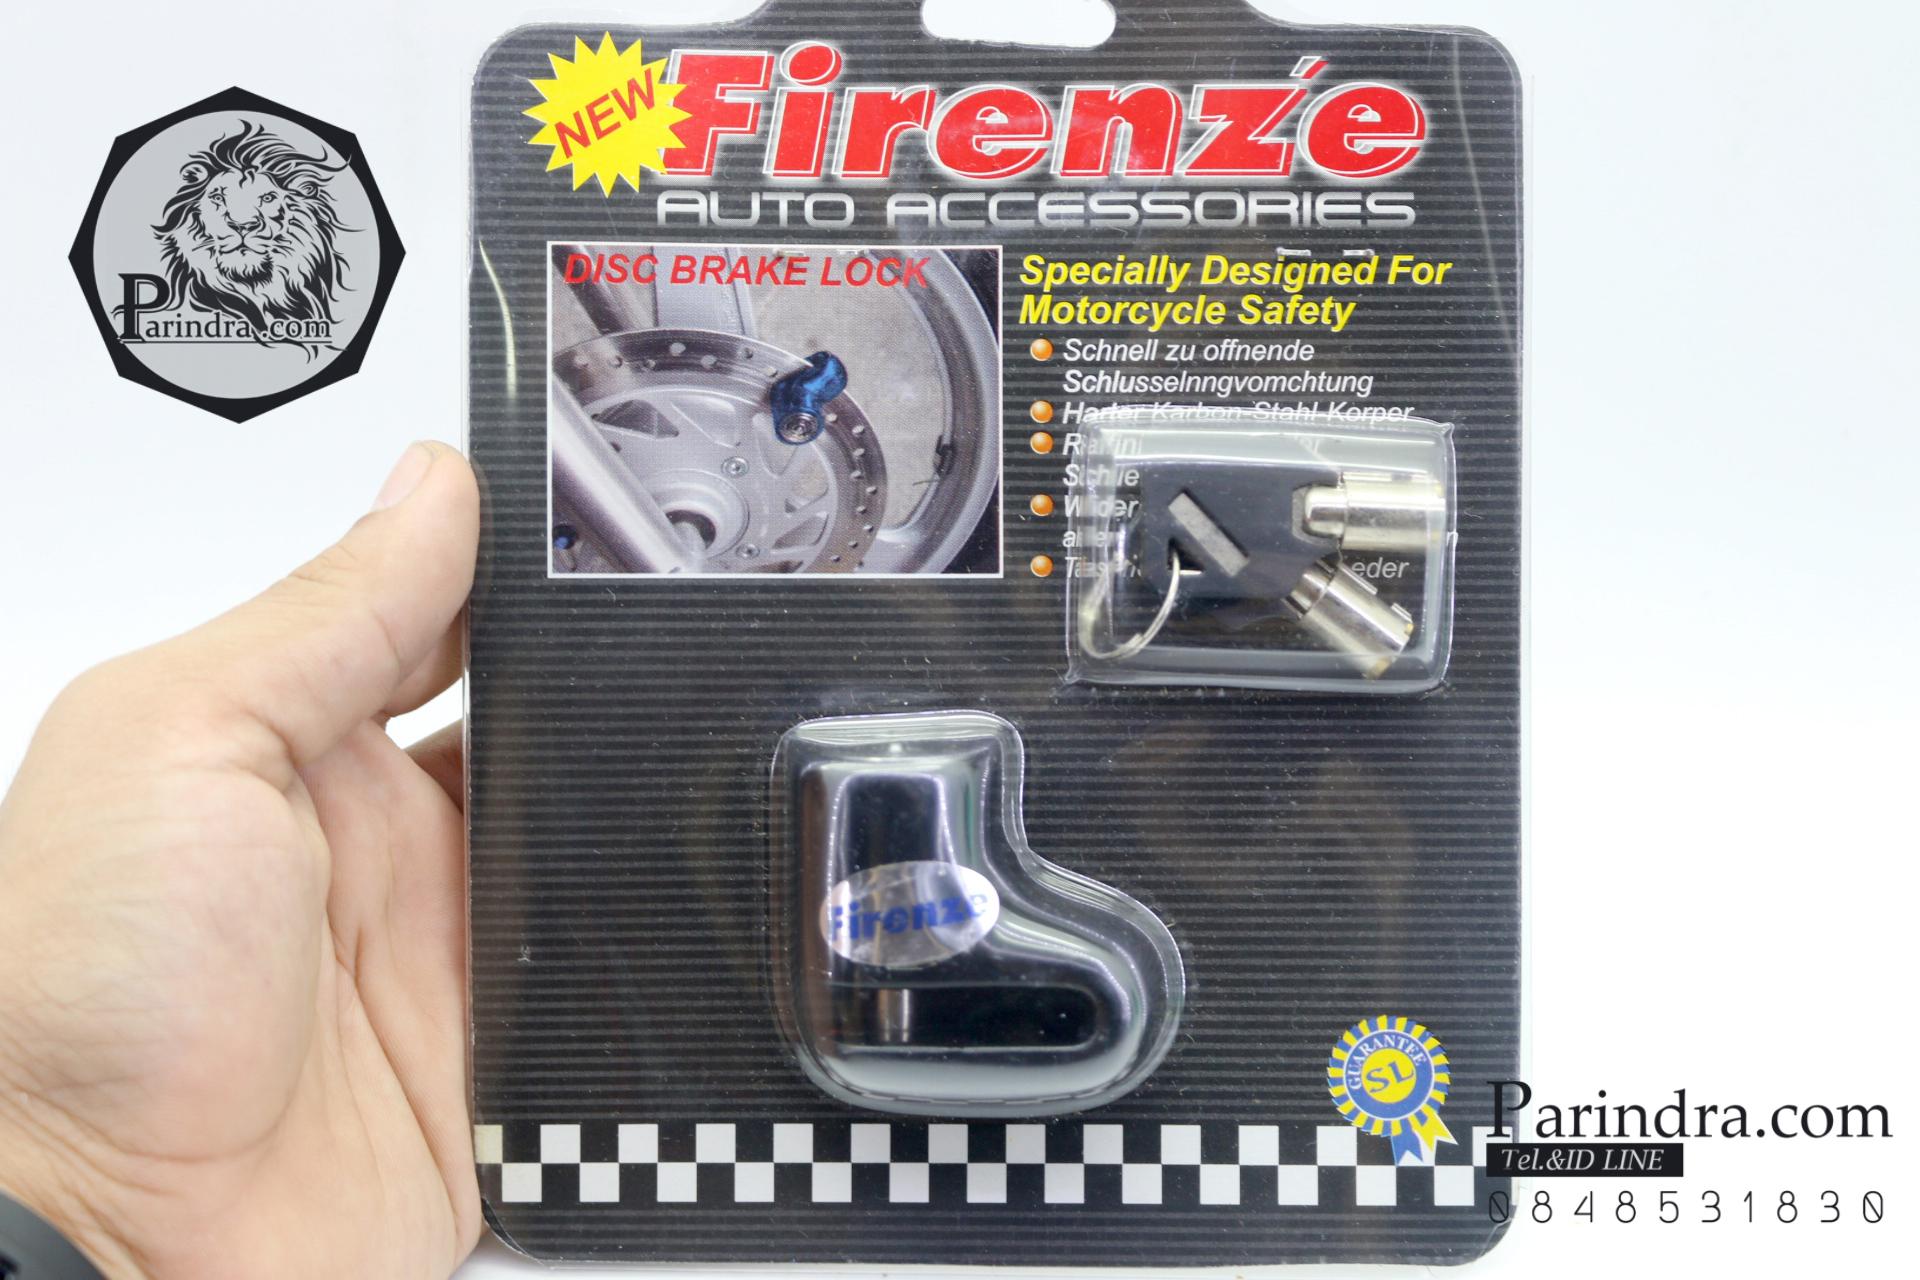 ตัวล๊อค Firenze Disc Break Lock สำหรับรถมอเตอร์ไซค์ ราคาโรงงาน